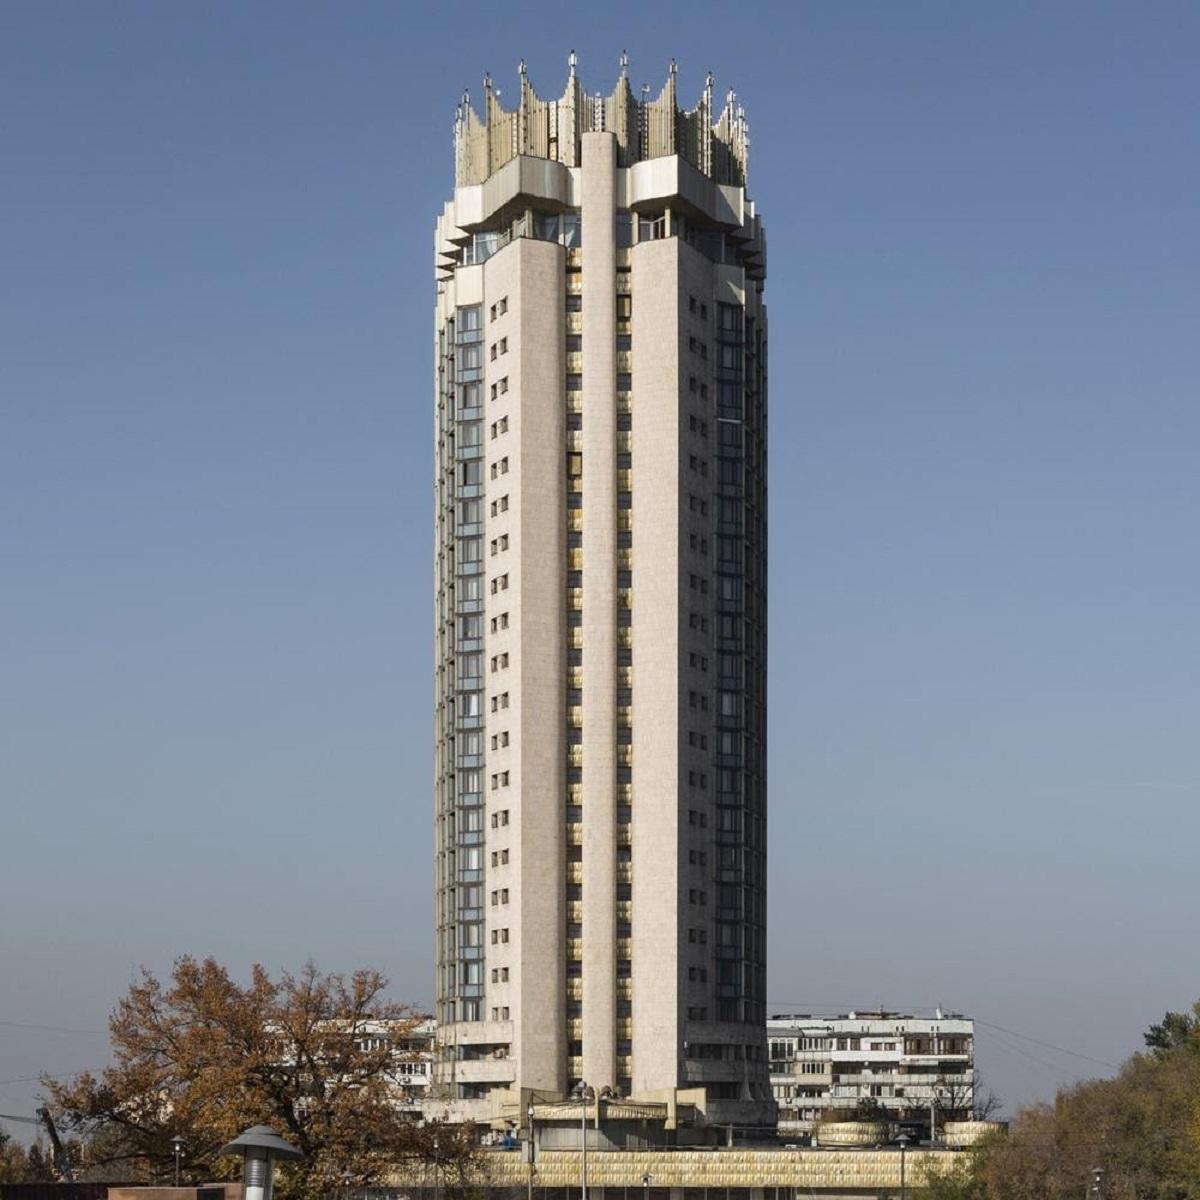 kienviet nhung anh huong phuong dong dinh hinh kien truc lien xo o trung a 11 - Những ảnh hưởng phương Đông định hình kiến trúc Liên Xô ở Trung Á